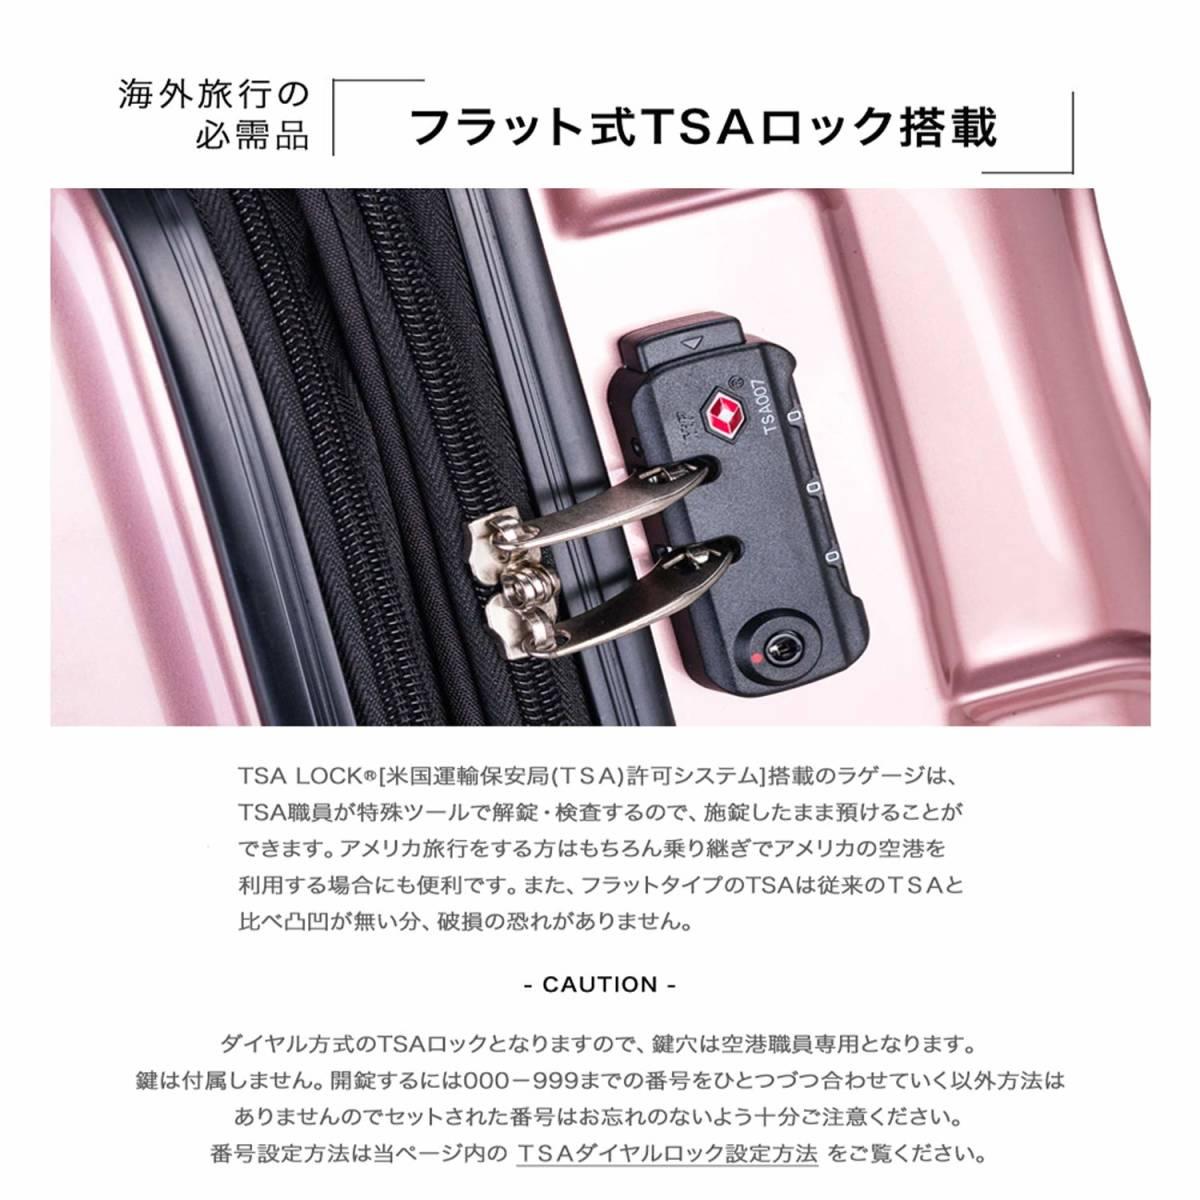 [TTOバリジェリア]TTOvaligeria スーツケース S機内持込 大型軽量 容量拡張 TSAロック搭載 静音 旅行用品 (S ローズゴールド)_画像4